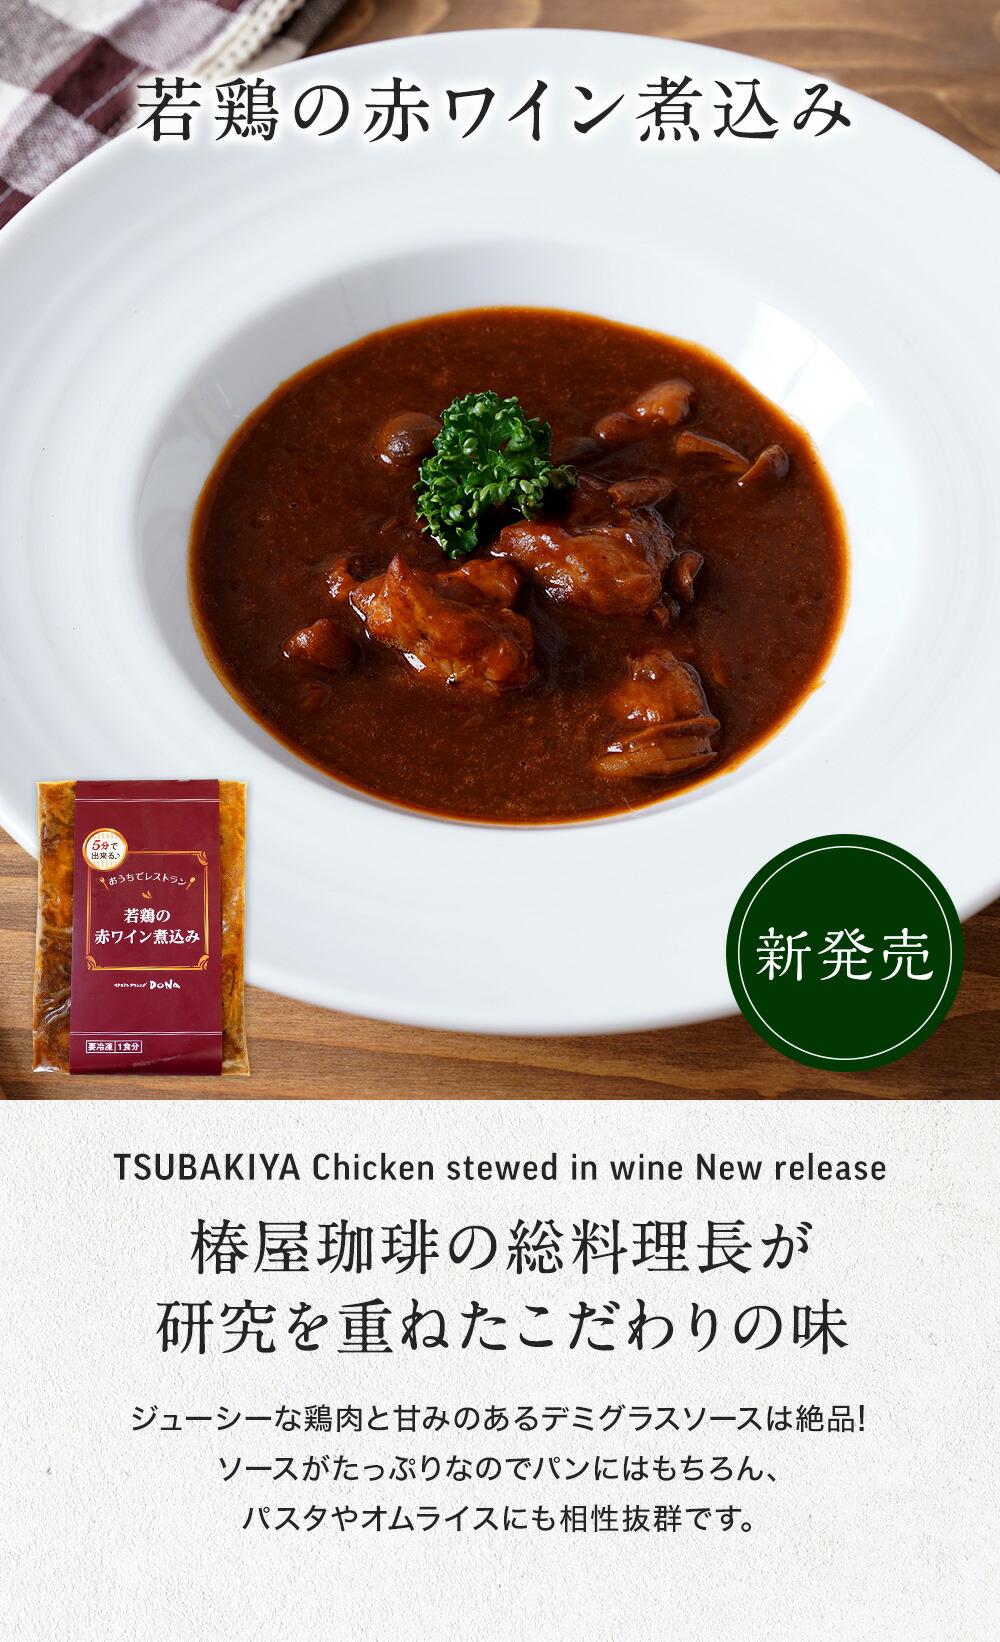 煮込み 鶏肉 赤ワイン